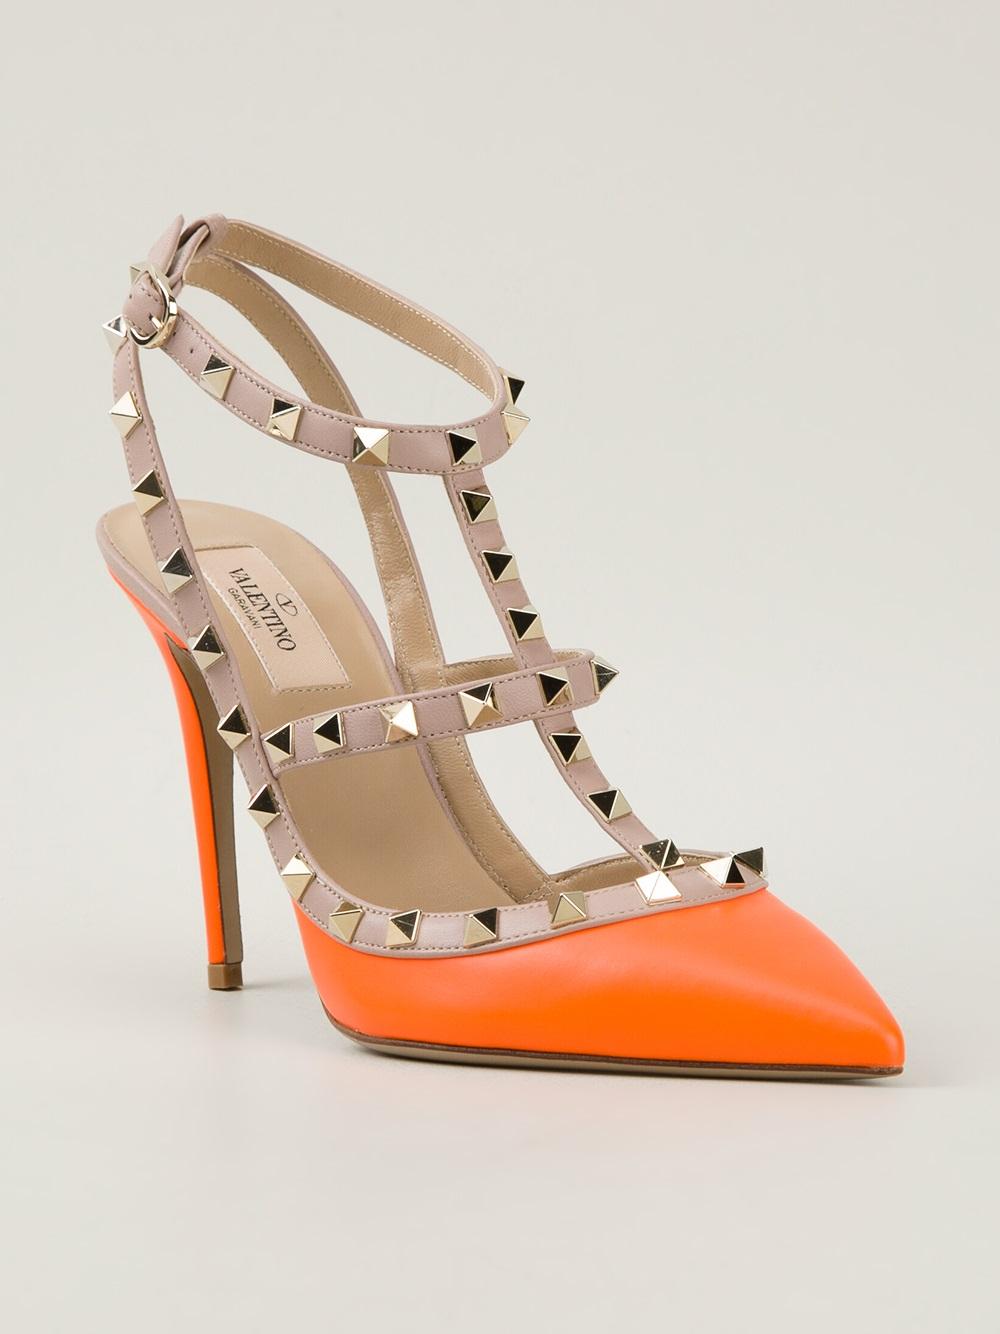 lyst valentino rockstud heeled pumps in orange. Black Bedroom Furniture Sets. Home Design Ideas